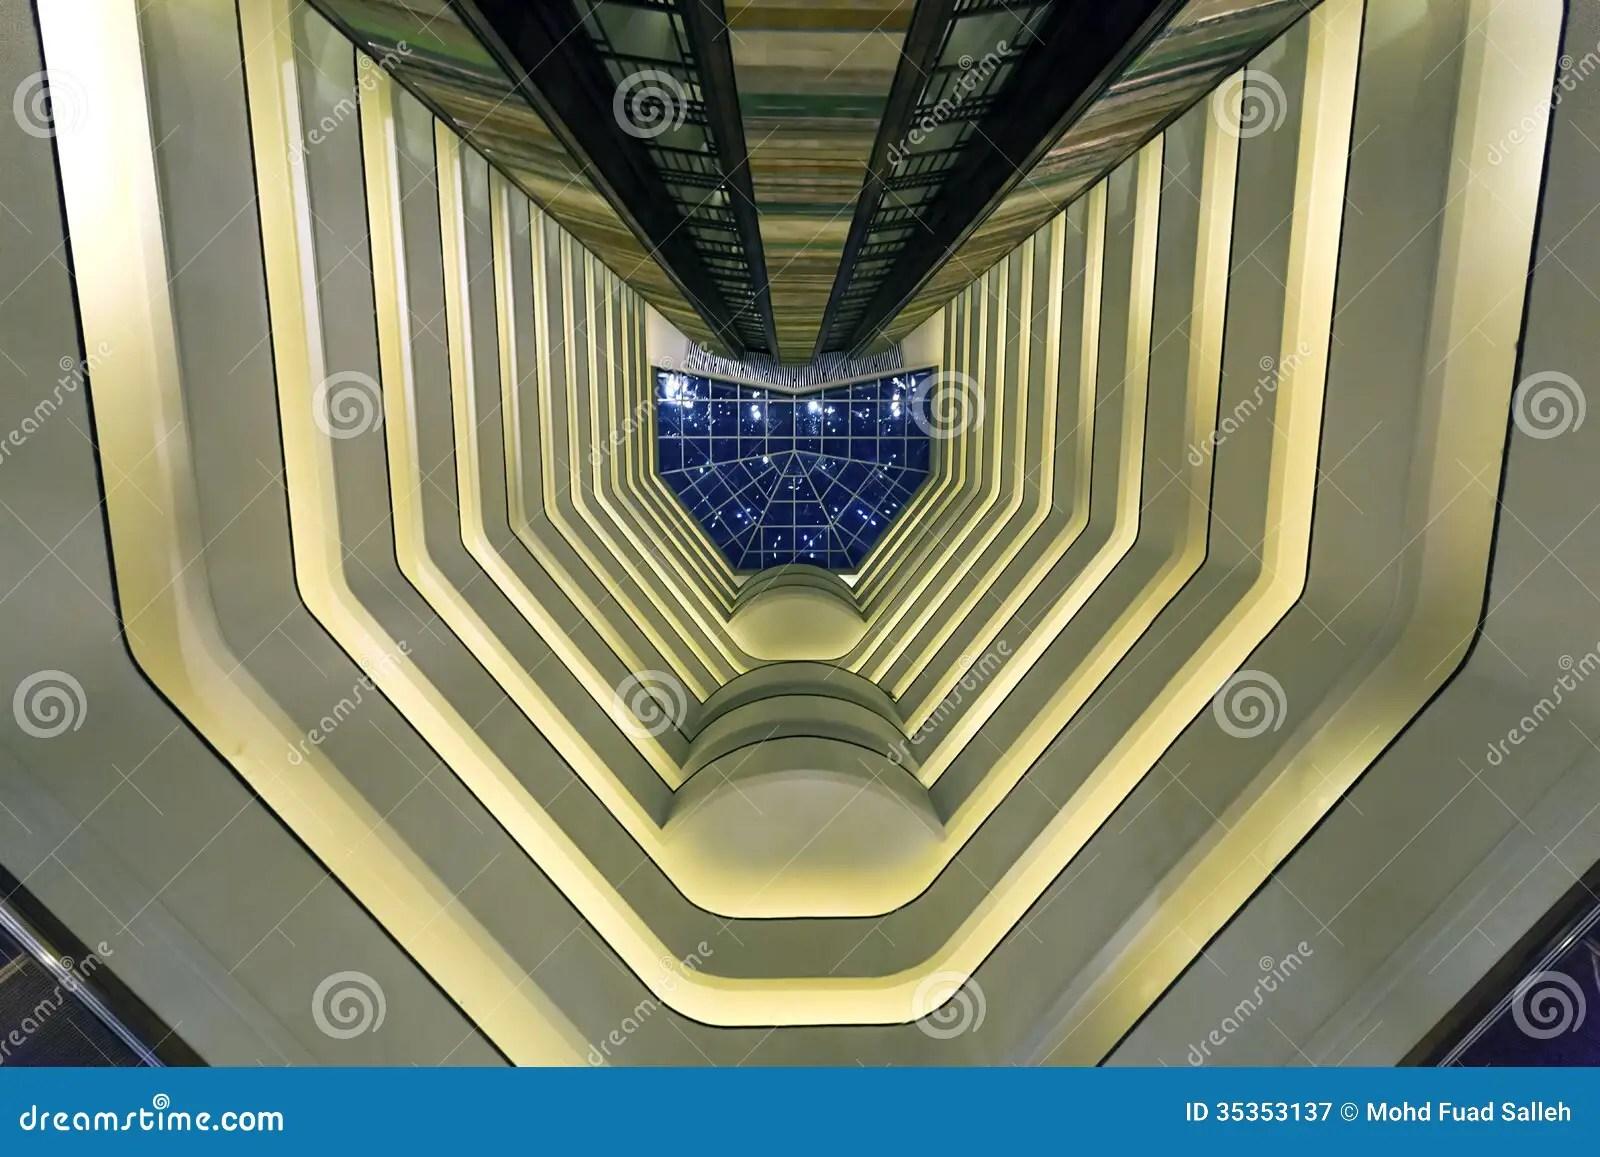 Unique Design Interior